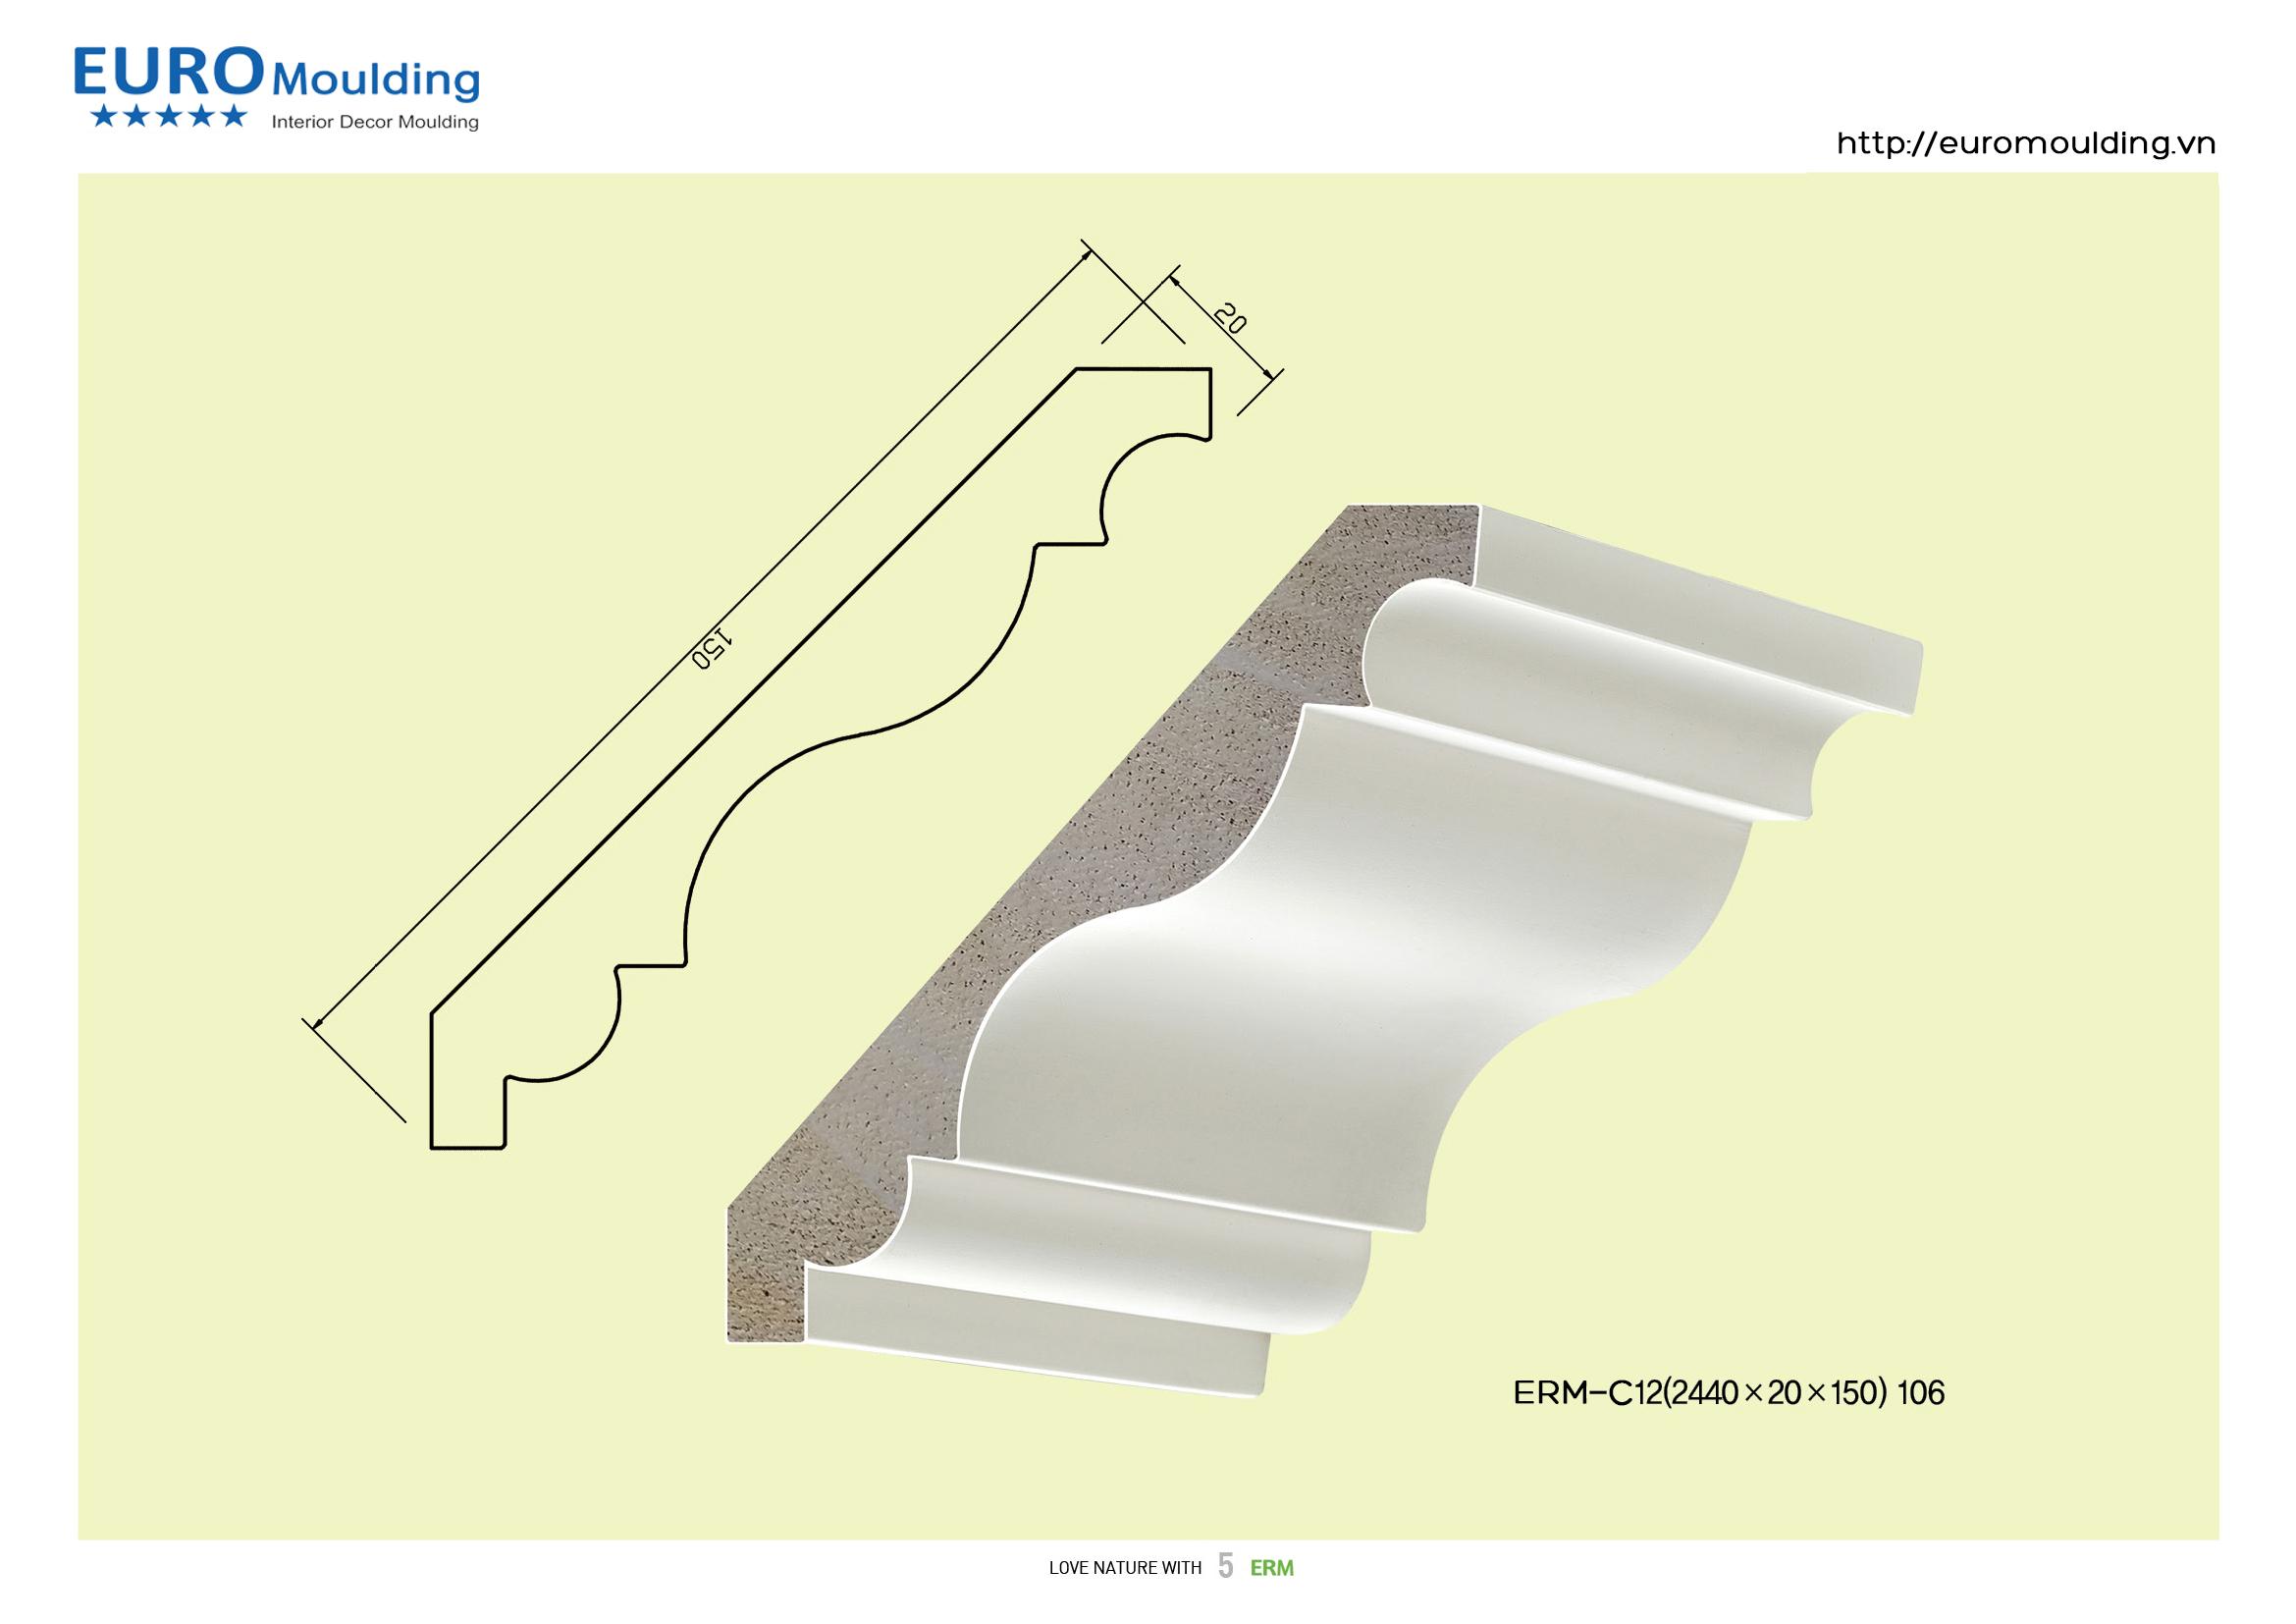 euro moulding giới thiệu sản phẩm phào chỉ trang trí nội thất làm bằng gỗ lần đầu tiên tại việt nam